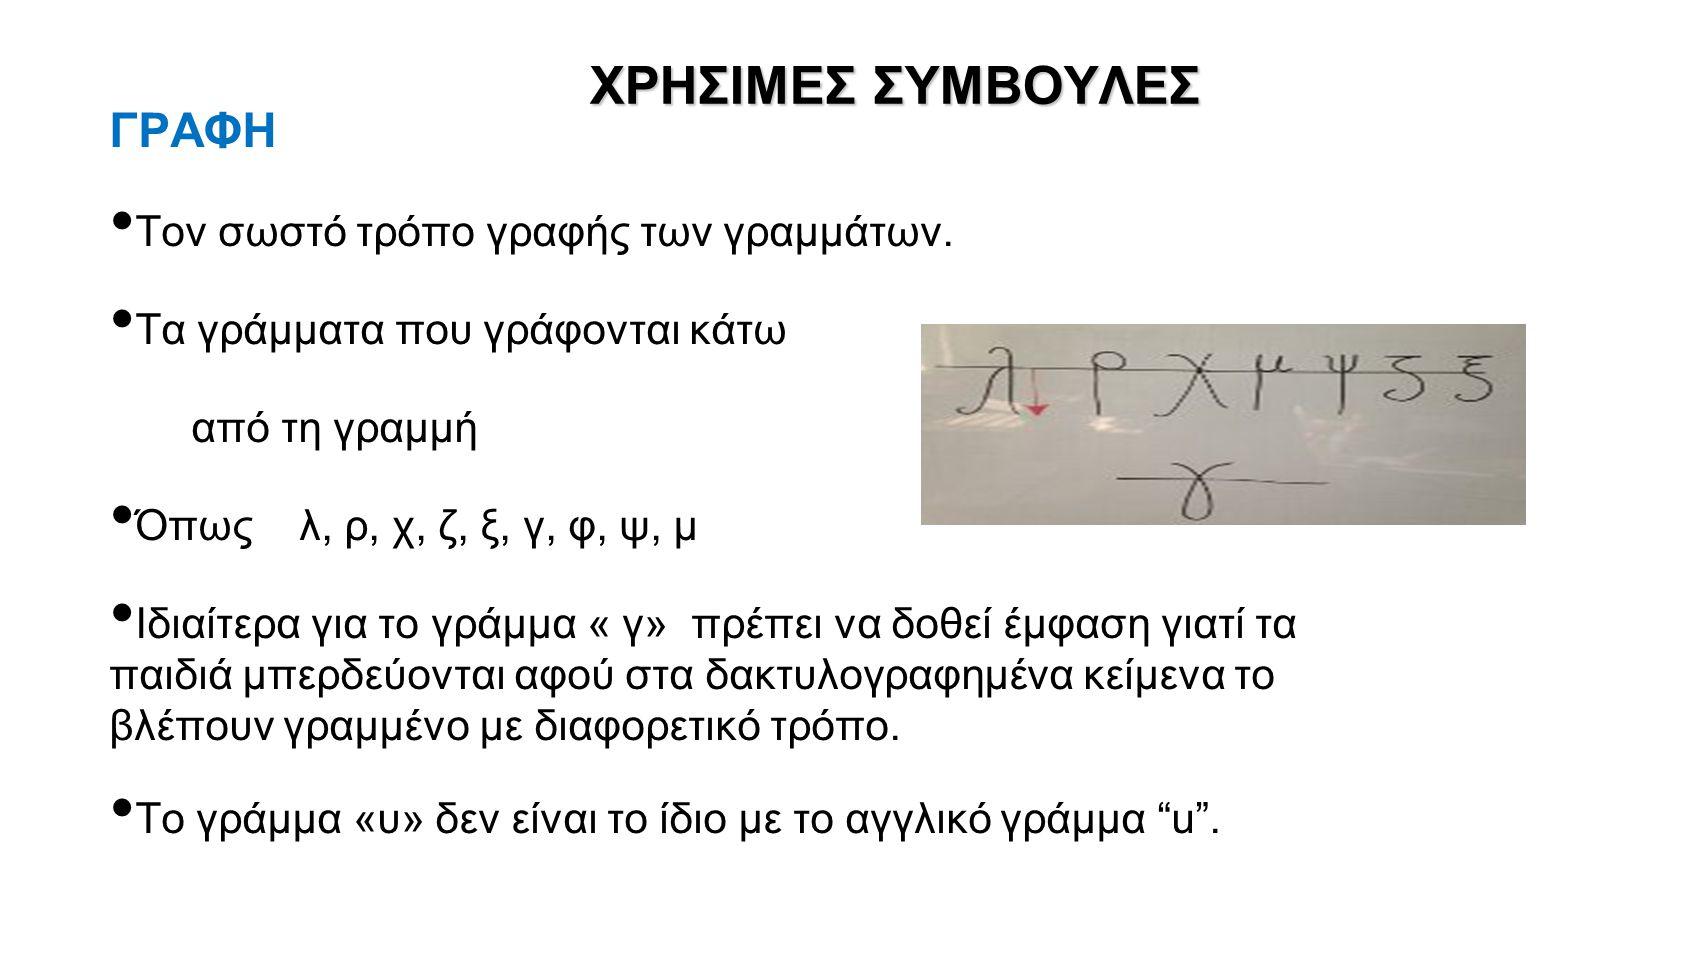 ΧΡΗΣΙΜΕΣ ΣΥΜΒΟΥΛΕΣ ΓΡΑΦΗ Τον σωστό τρόπο γραφής των γραμμάτων. Τα γράμματα που γράφονται κάτω από τη γραμμή Όπως λ, ρ, χ, ζ, ξ, γ, φ, ψ, μ Ιδιαίτερα γ